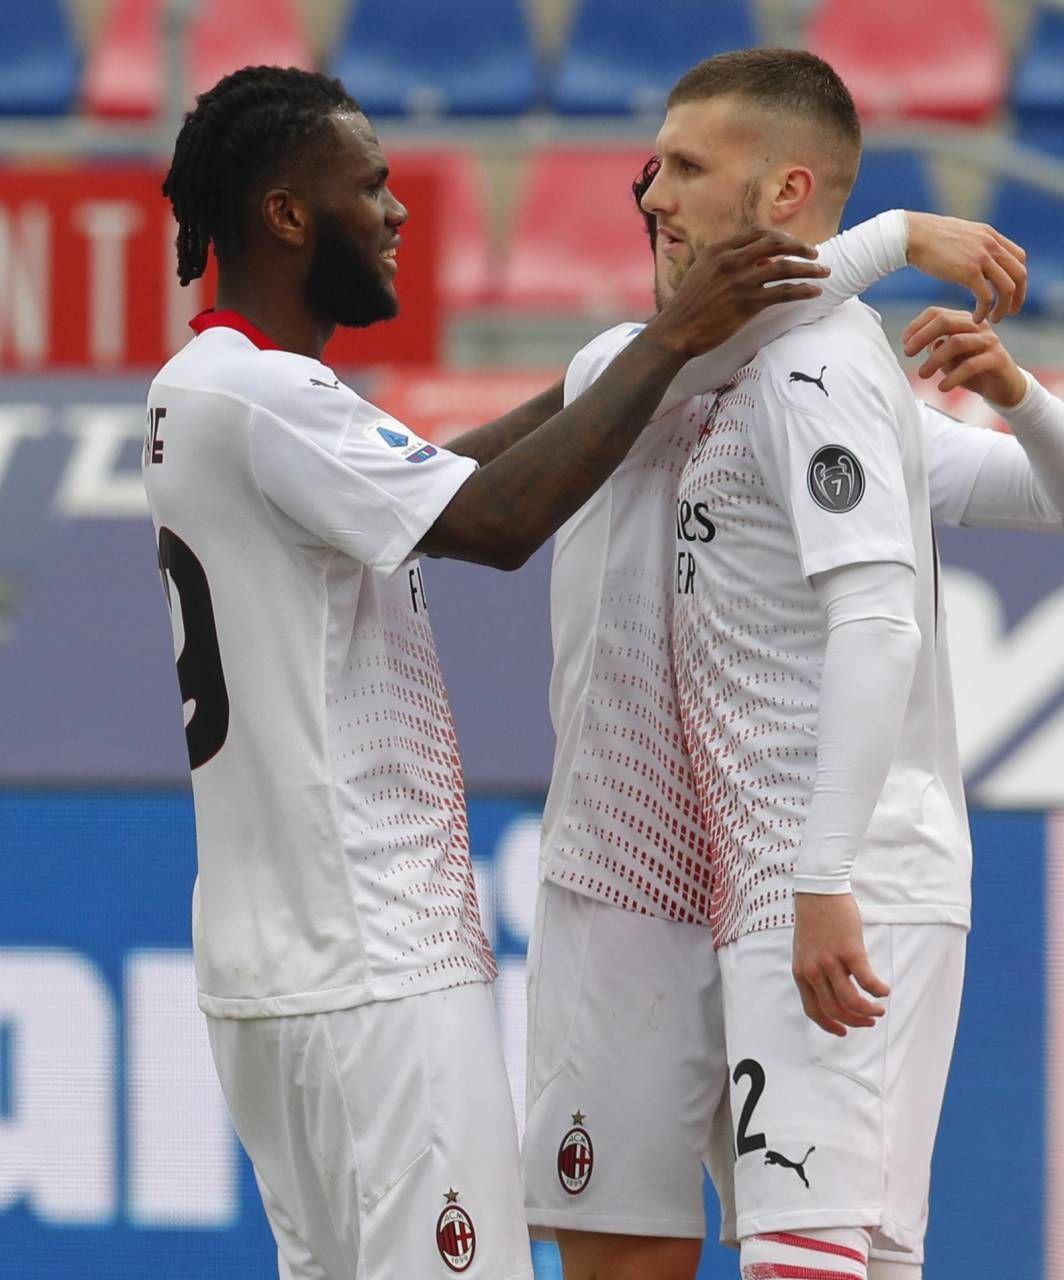 Kessie festeggia con Rebic: i due hanno «lavorato» per Ibra, sostituendolo come rigorista e ribadendo in gol il penalty sbagliato da Zlatan